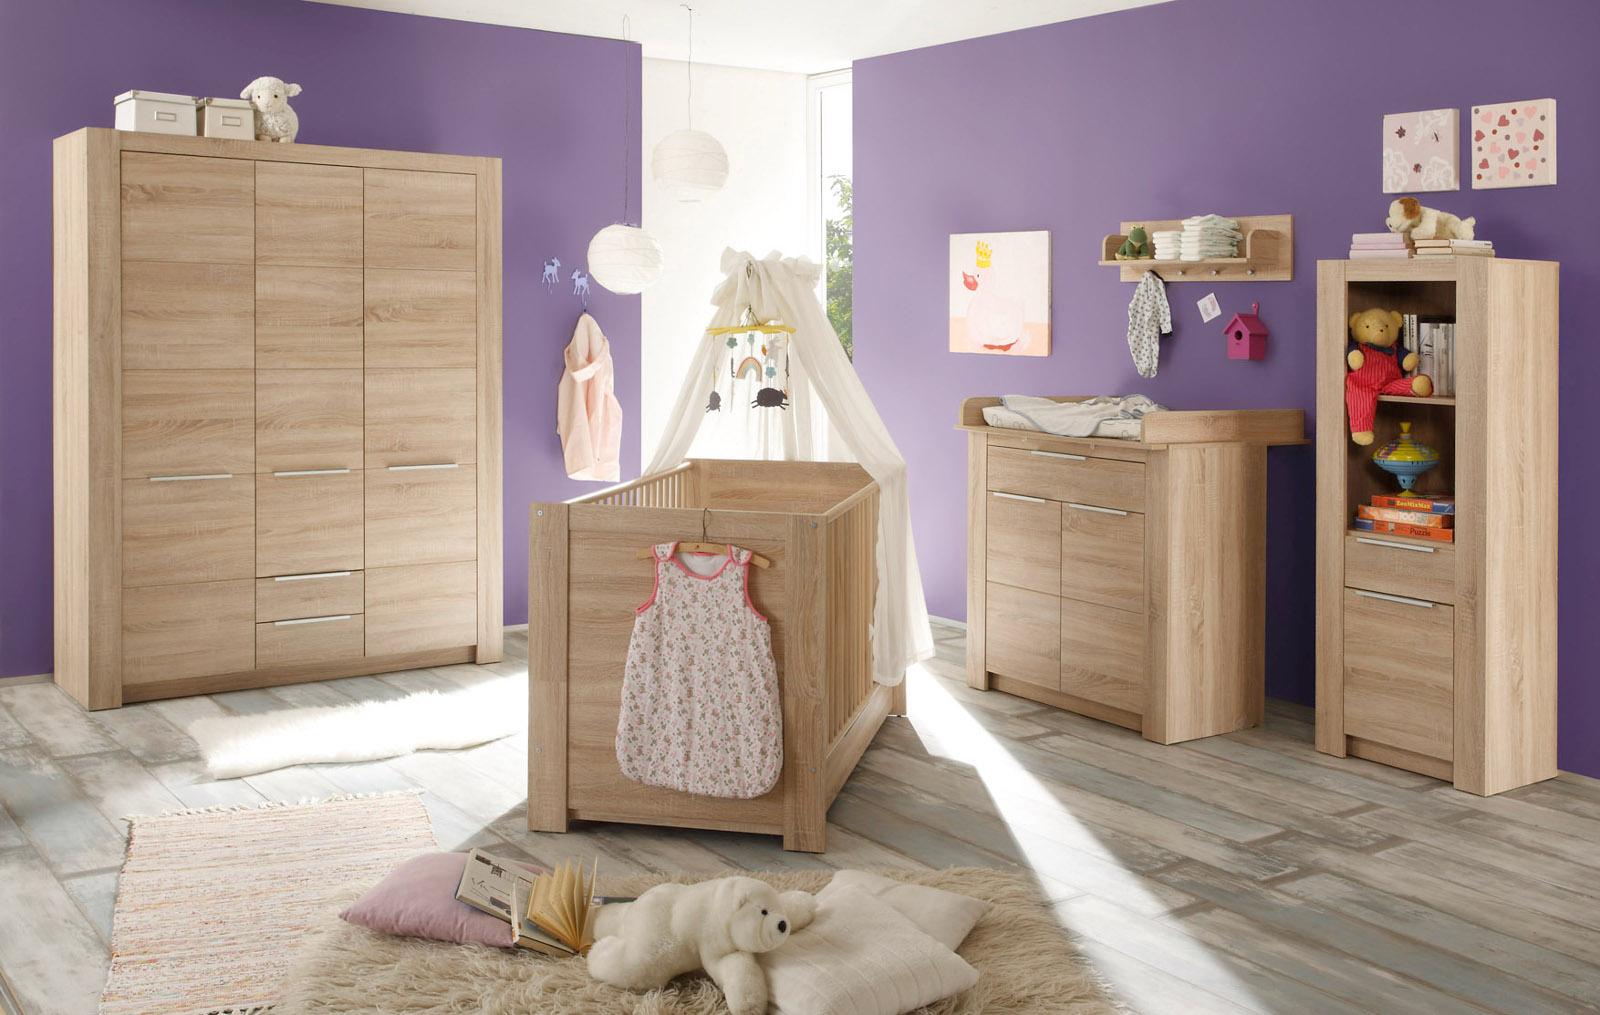 Babyzimmer babybett carlotta mit schlupfsprossen - Real babyzimmer ...